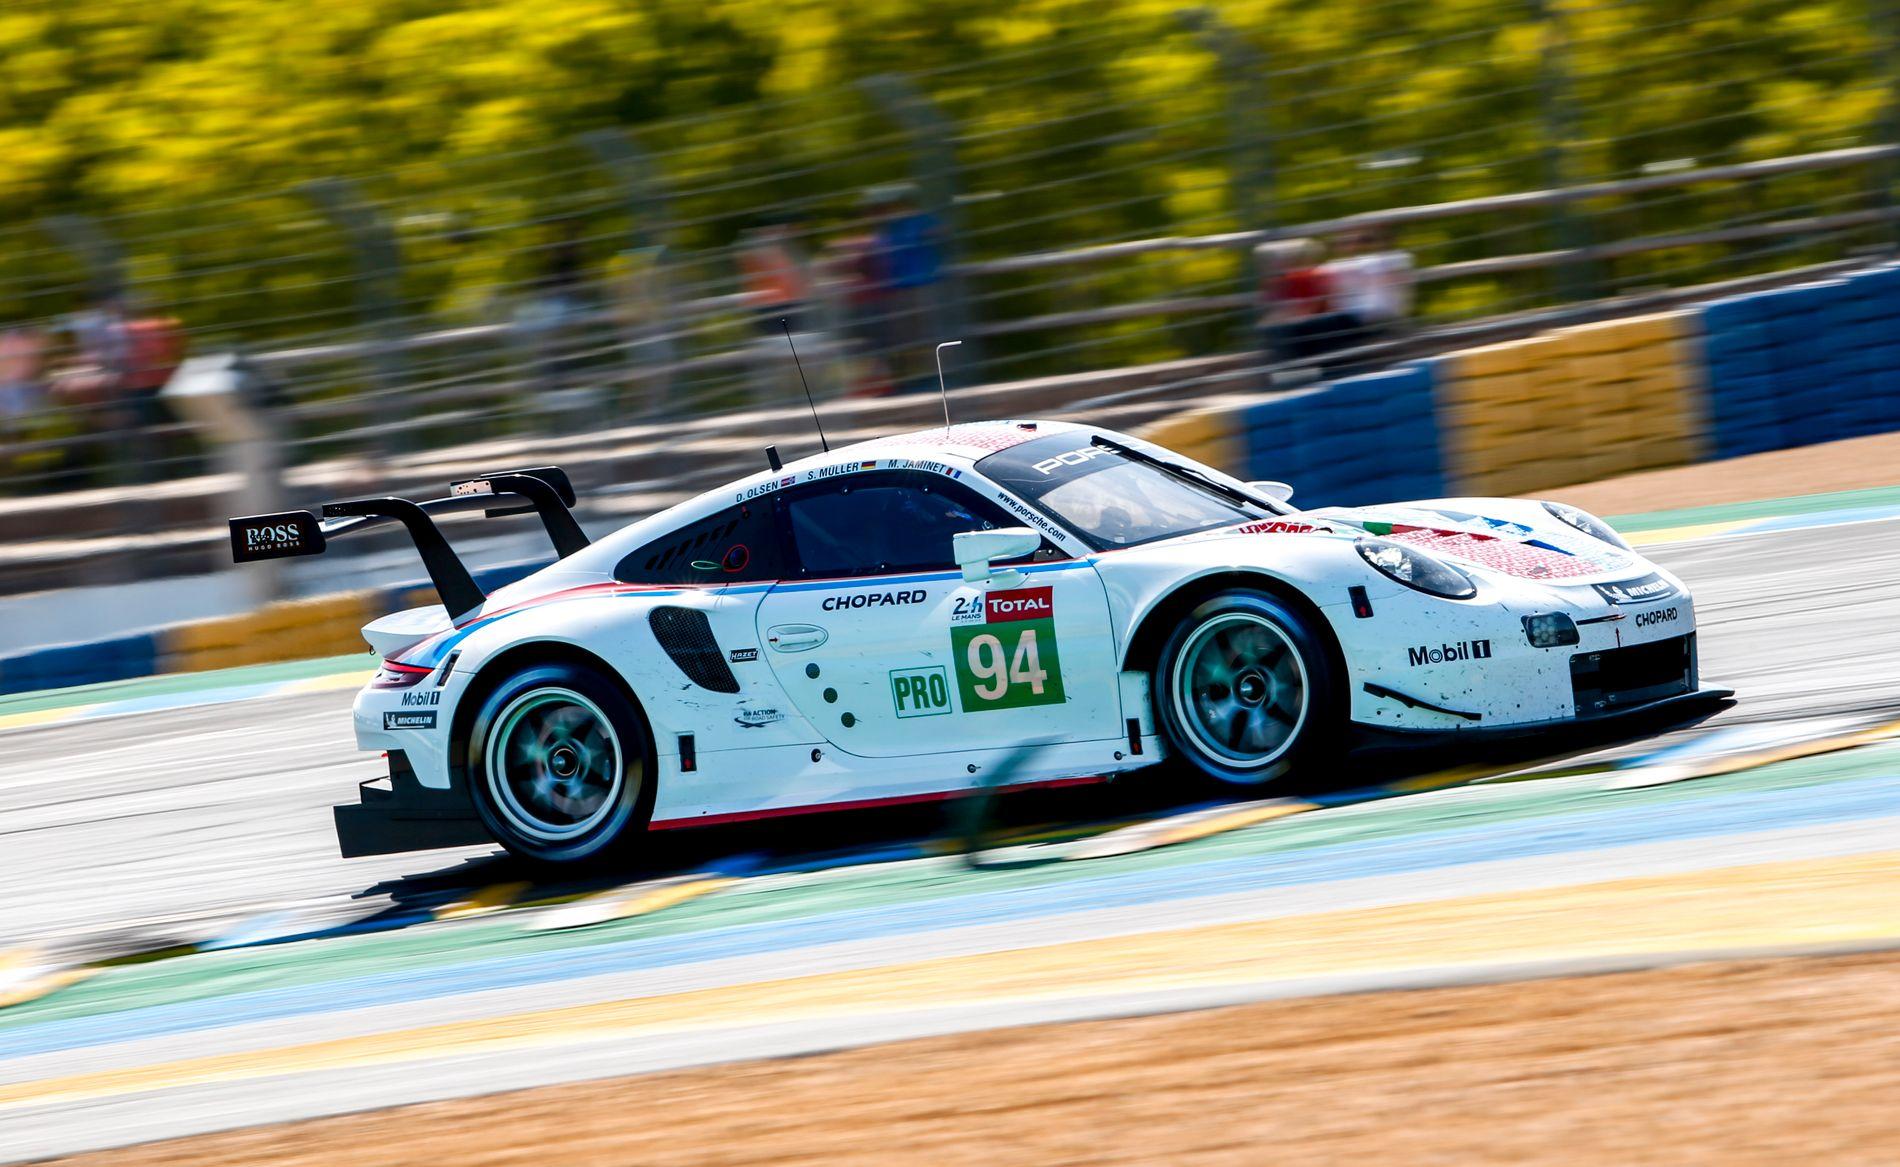 NUMMER 94: Dette er bilen til Dennis Olsen og hans to lagkamerater i det yngste Porsche-teamet.